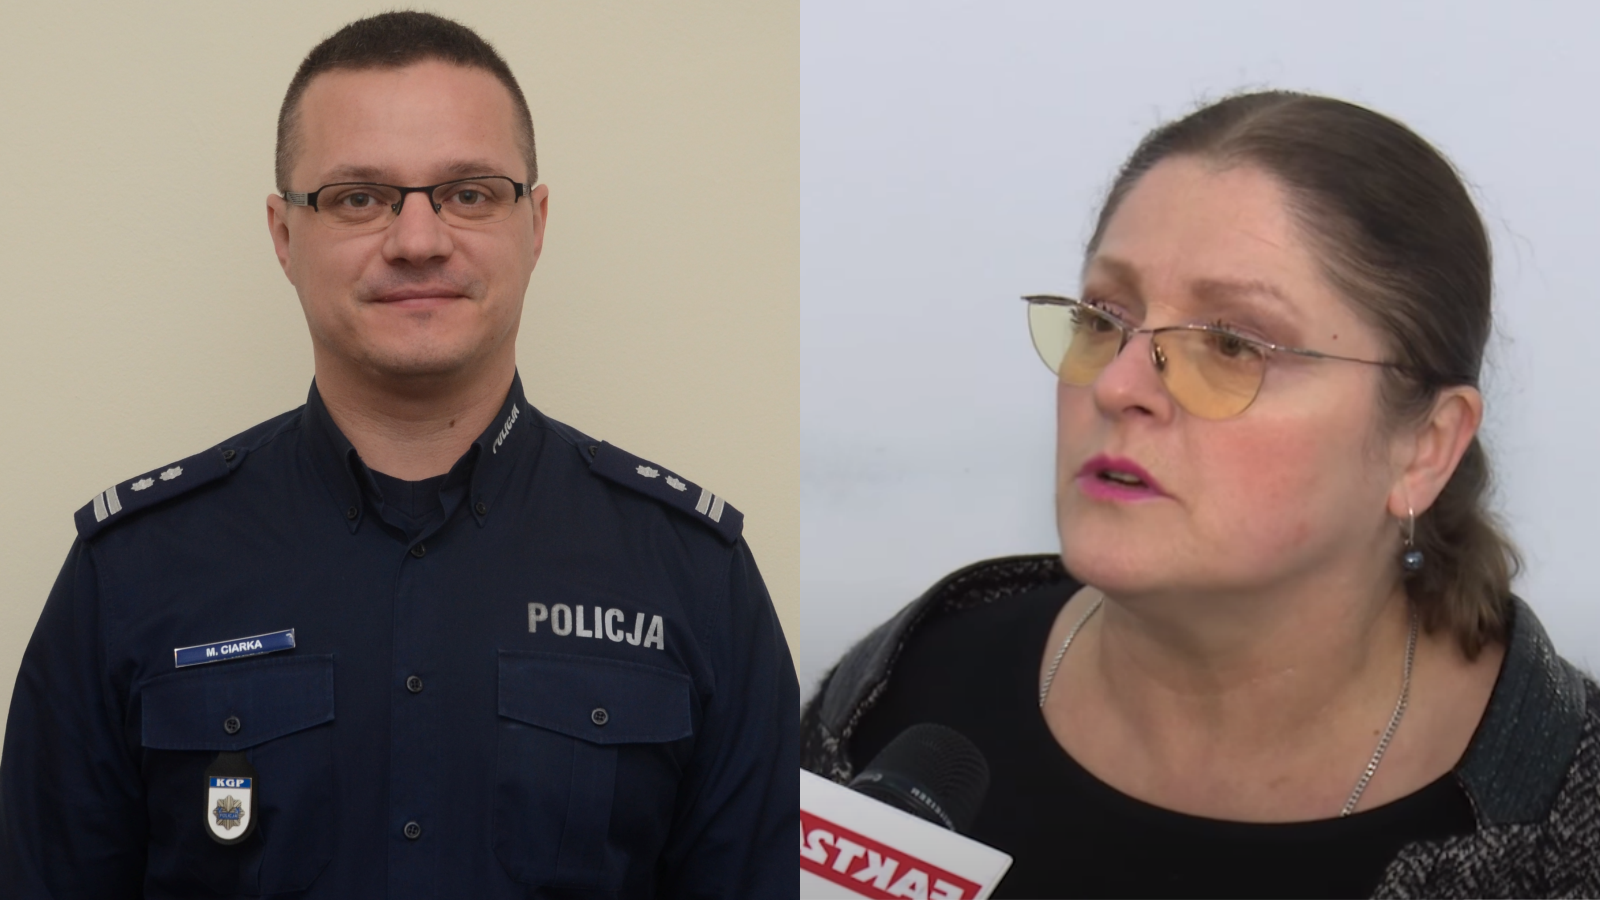 """Rzecznik policji oKrystynie Pawłowicz: """"Zasługuje nanależny jej szacunek"""""""